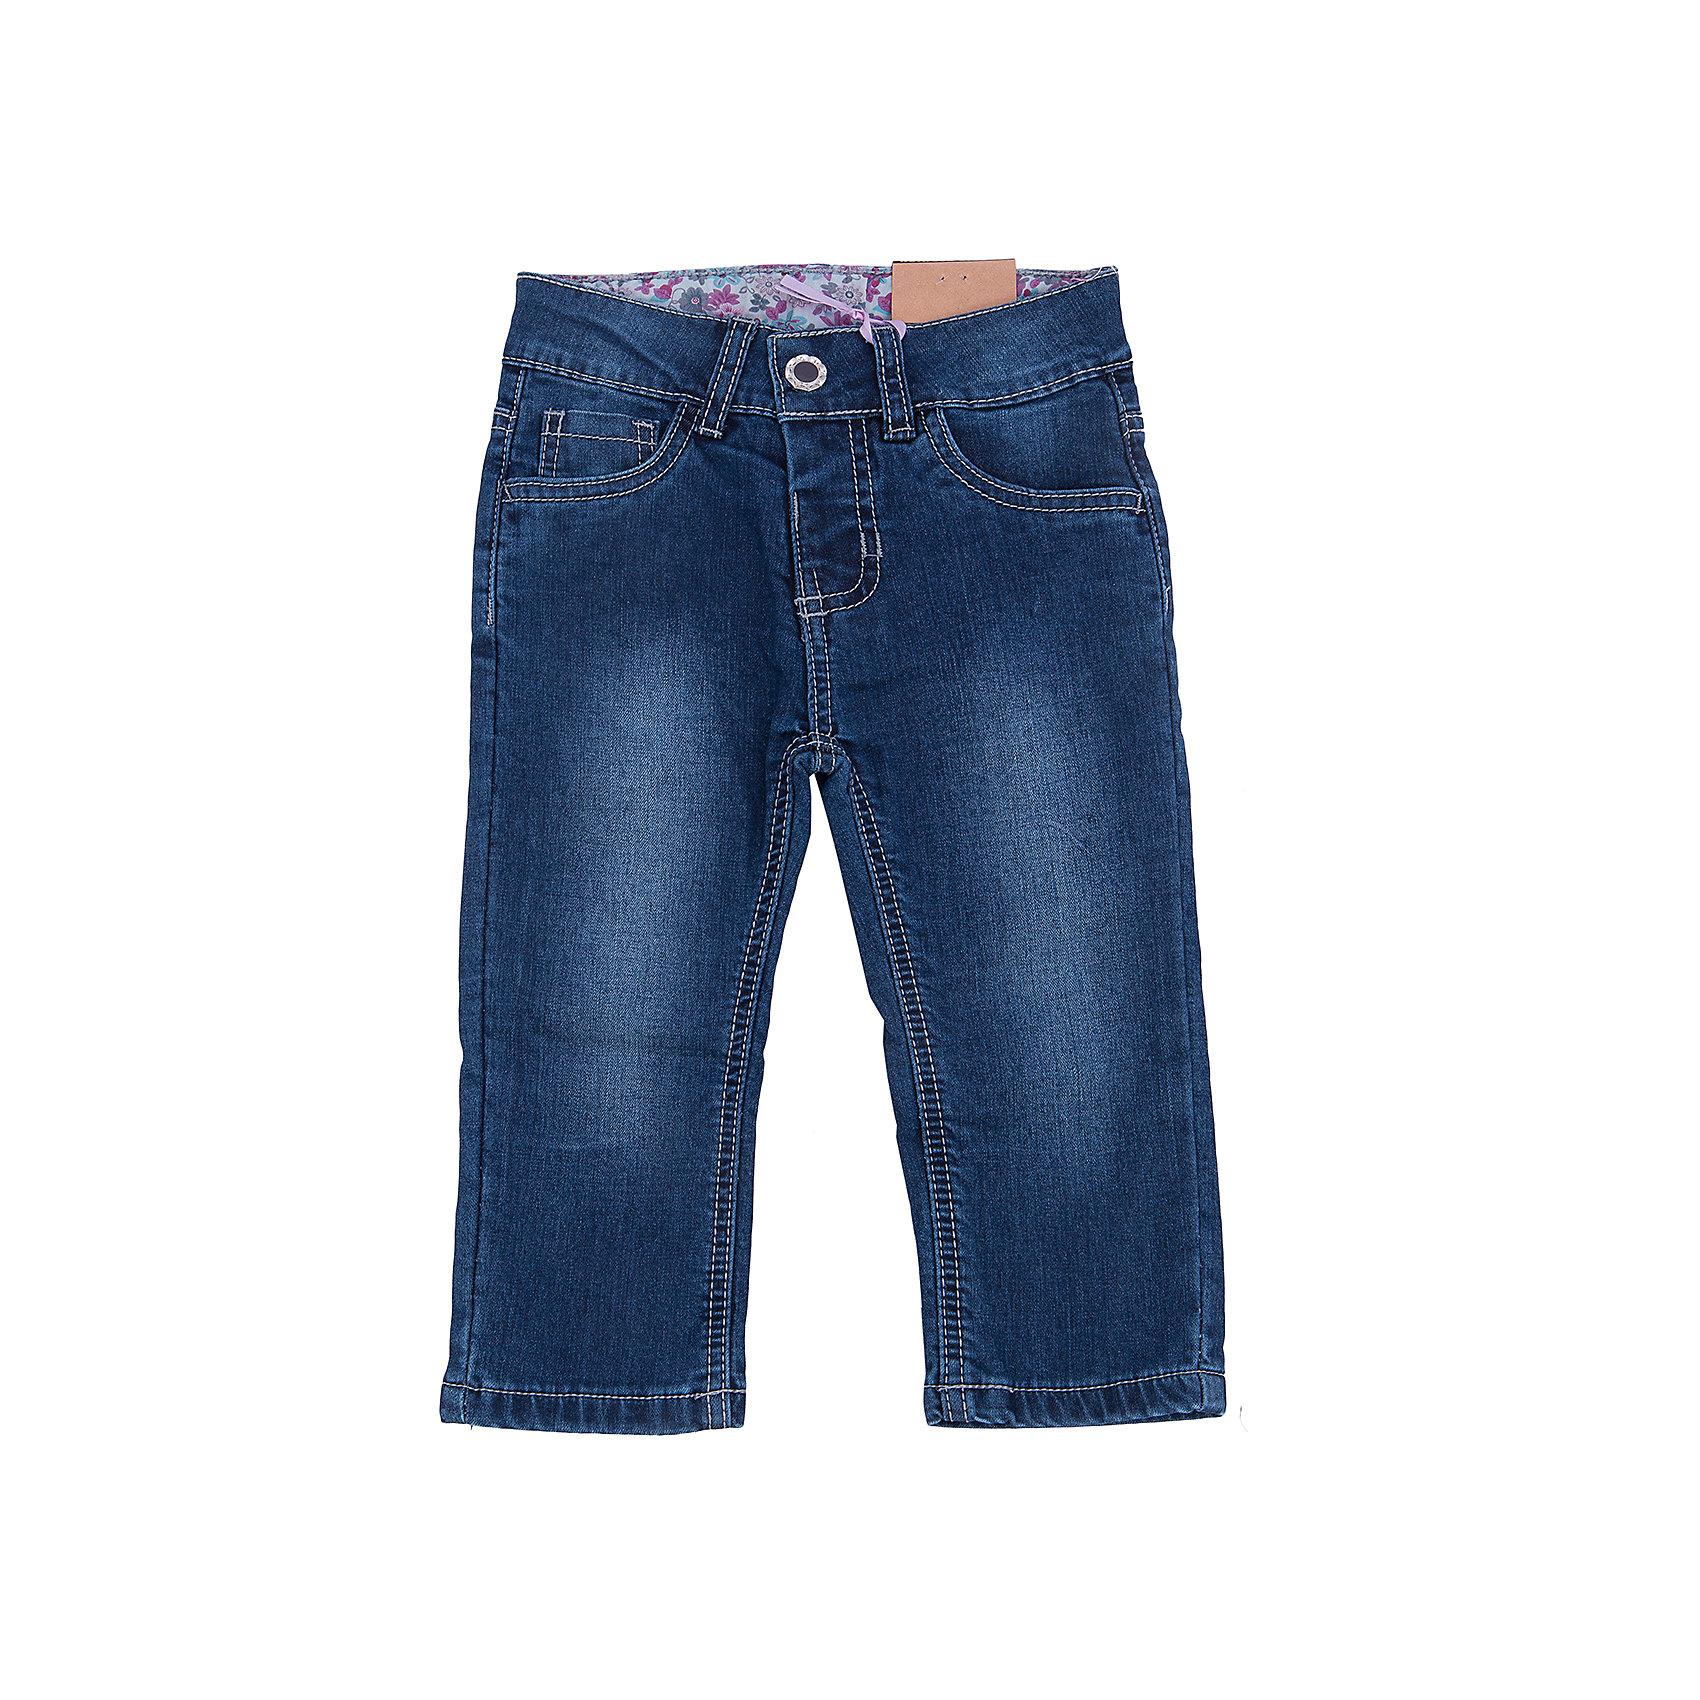 Джинсы для девочки Sweet BerryДжинсы<br>Такая модель джинсов для девочки отличается модным дизайном с контрастной прострочкой и потертостями. Удачный крой обеспечит ребенку комфорт и тепло. Мягкая и теплая подкладка делает вещь идеальной для прохладной погоды. Она плотно прилегает к телу там, где нужно, и отлично сидит по фигуре. Джинсы имеют удобный пояс с регулировкой внутри. Натуральный хлопок обеспечит коже возможность дышать и не вызовет аллергии.<br>Одежда от бренда Sweet Berry - это простой и выгодный способ одеть ребенка удобно и стильно. Всё изделия тщательно проработаны: швы - прочные, материал - качественный, фурнитура - подобранная специально для детей. <br><br>Дополнительная информация:<br><br>цвет: синий;<br>имитация потертостей;<br>материал: 100% хлопок, подкладка - 100% хлопок;<br>пояс с регулировкой внутри.<br><br>Джинсы для девочки от бренда Sweet Berry можно купить в нашем интернет-магазине.<br><br>Ширина мм: 215<br>Глубина мм: 88<br>Высота мм: 191<br>Вес г: 336<br>Цвет: синий<br>Возраст от месяцев: 24<br>Возраст до месяцев: 36<br>Пол: Женский<br>Возраст: Детский<br>Размер: 98,80,86,92<br>SKU: 4931198